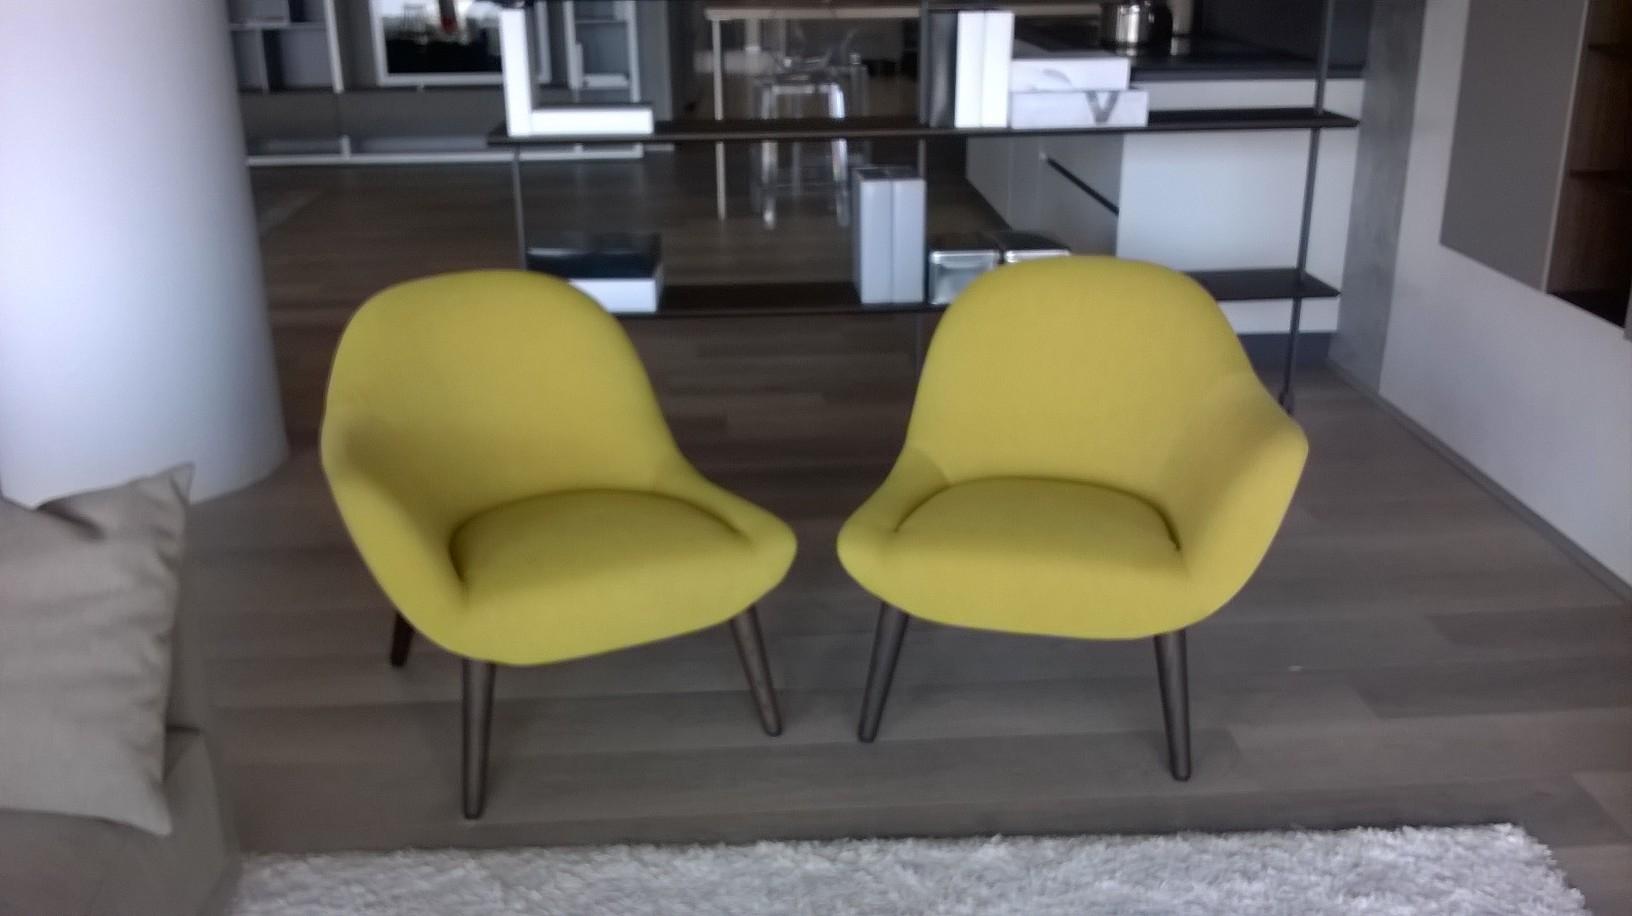 Poltrone poliform modello mad chair scontate del 42 for Poliform sedie